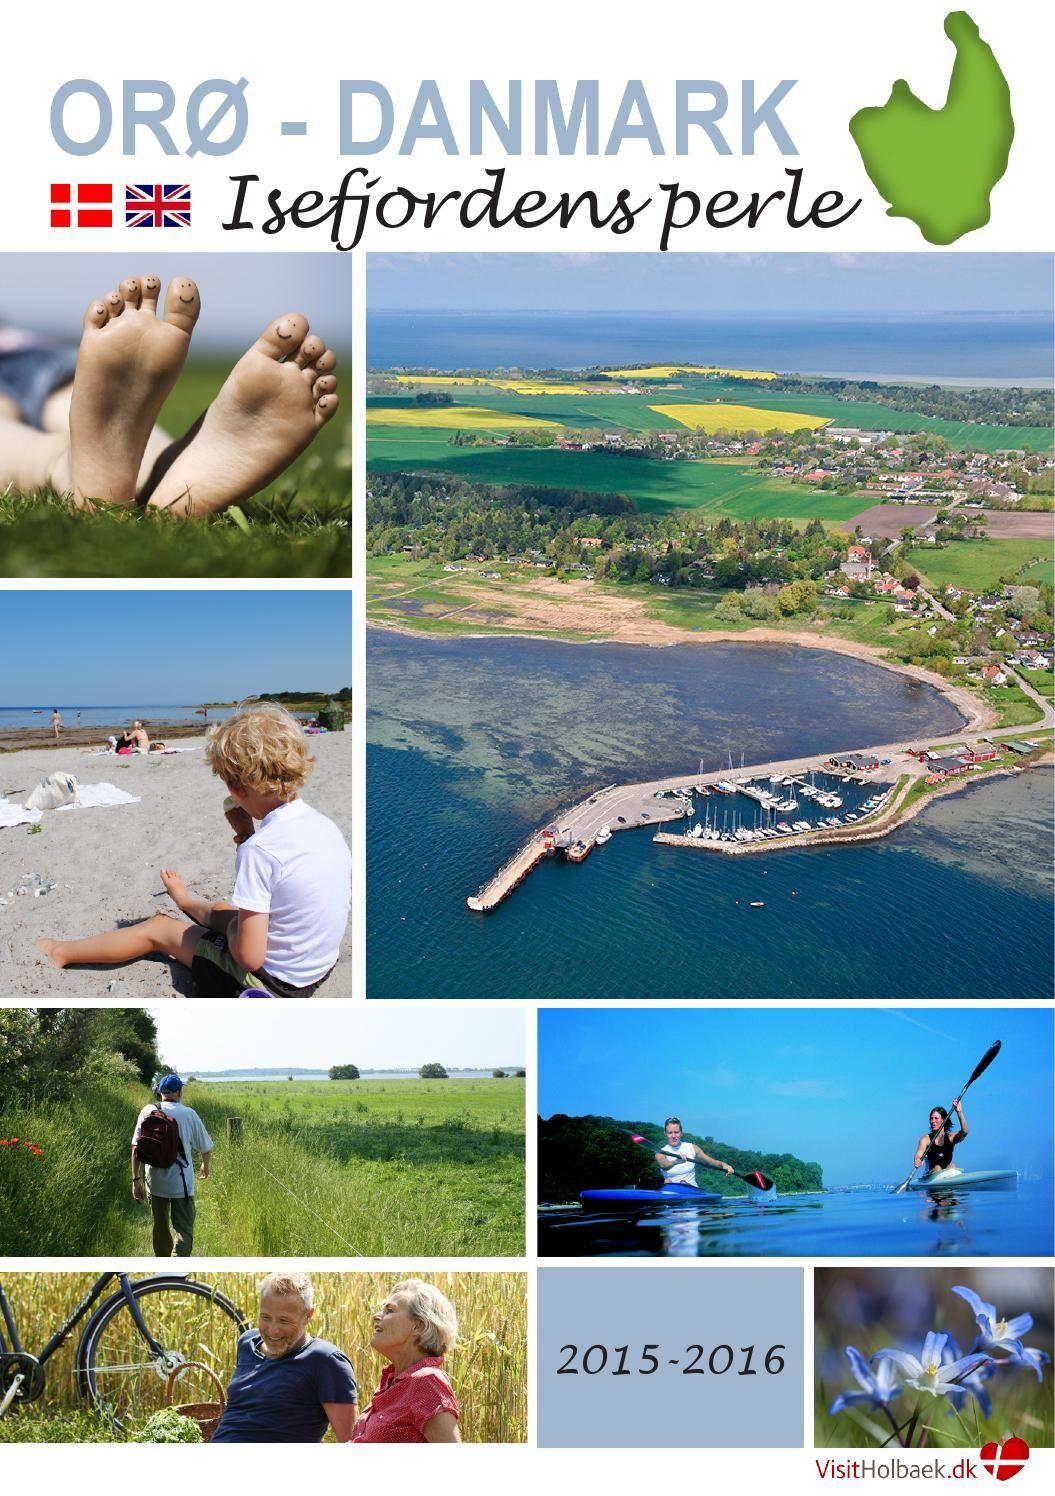 Orø Turistbrochure 2015/2016  På Orø finder du et væld af attraktioner, aktiviteter, spise- og overnatningsmuligheder, som gør denne herlige lille ø i Isefjorden til en attraktiv destination for turister. Her i brochuren får du et overblik over øens mange tilbud. Velkommen til Orø!